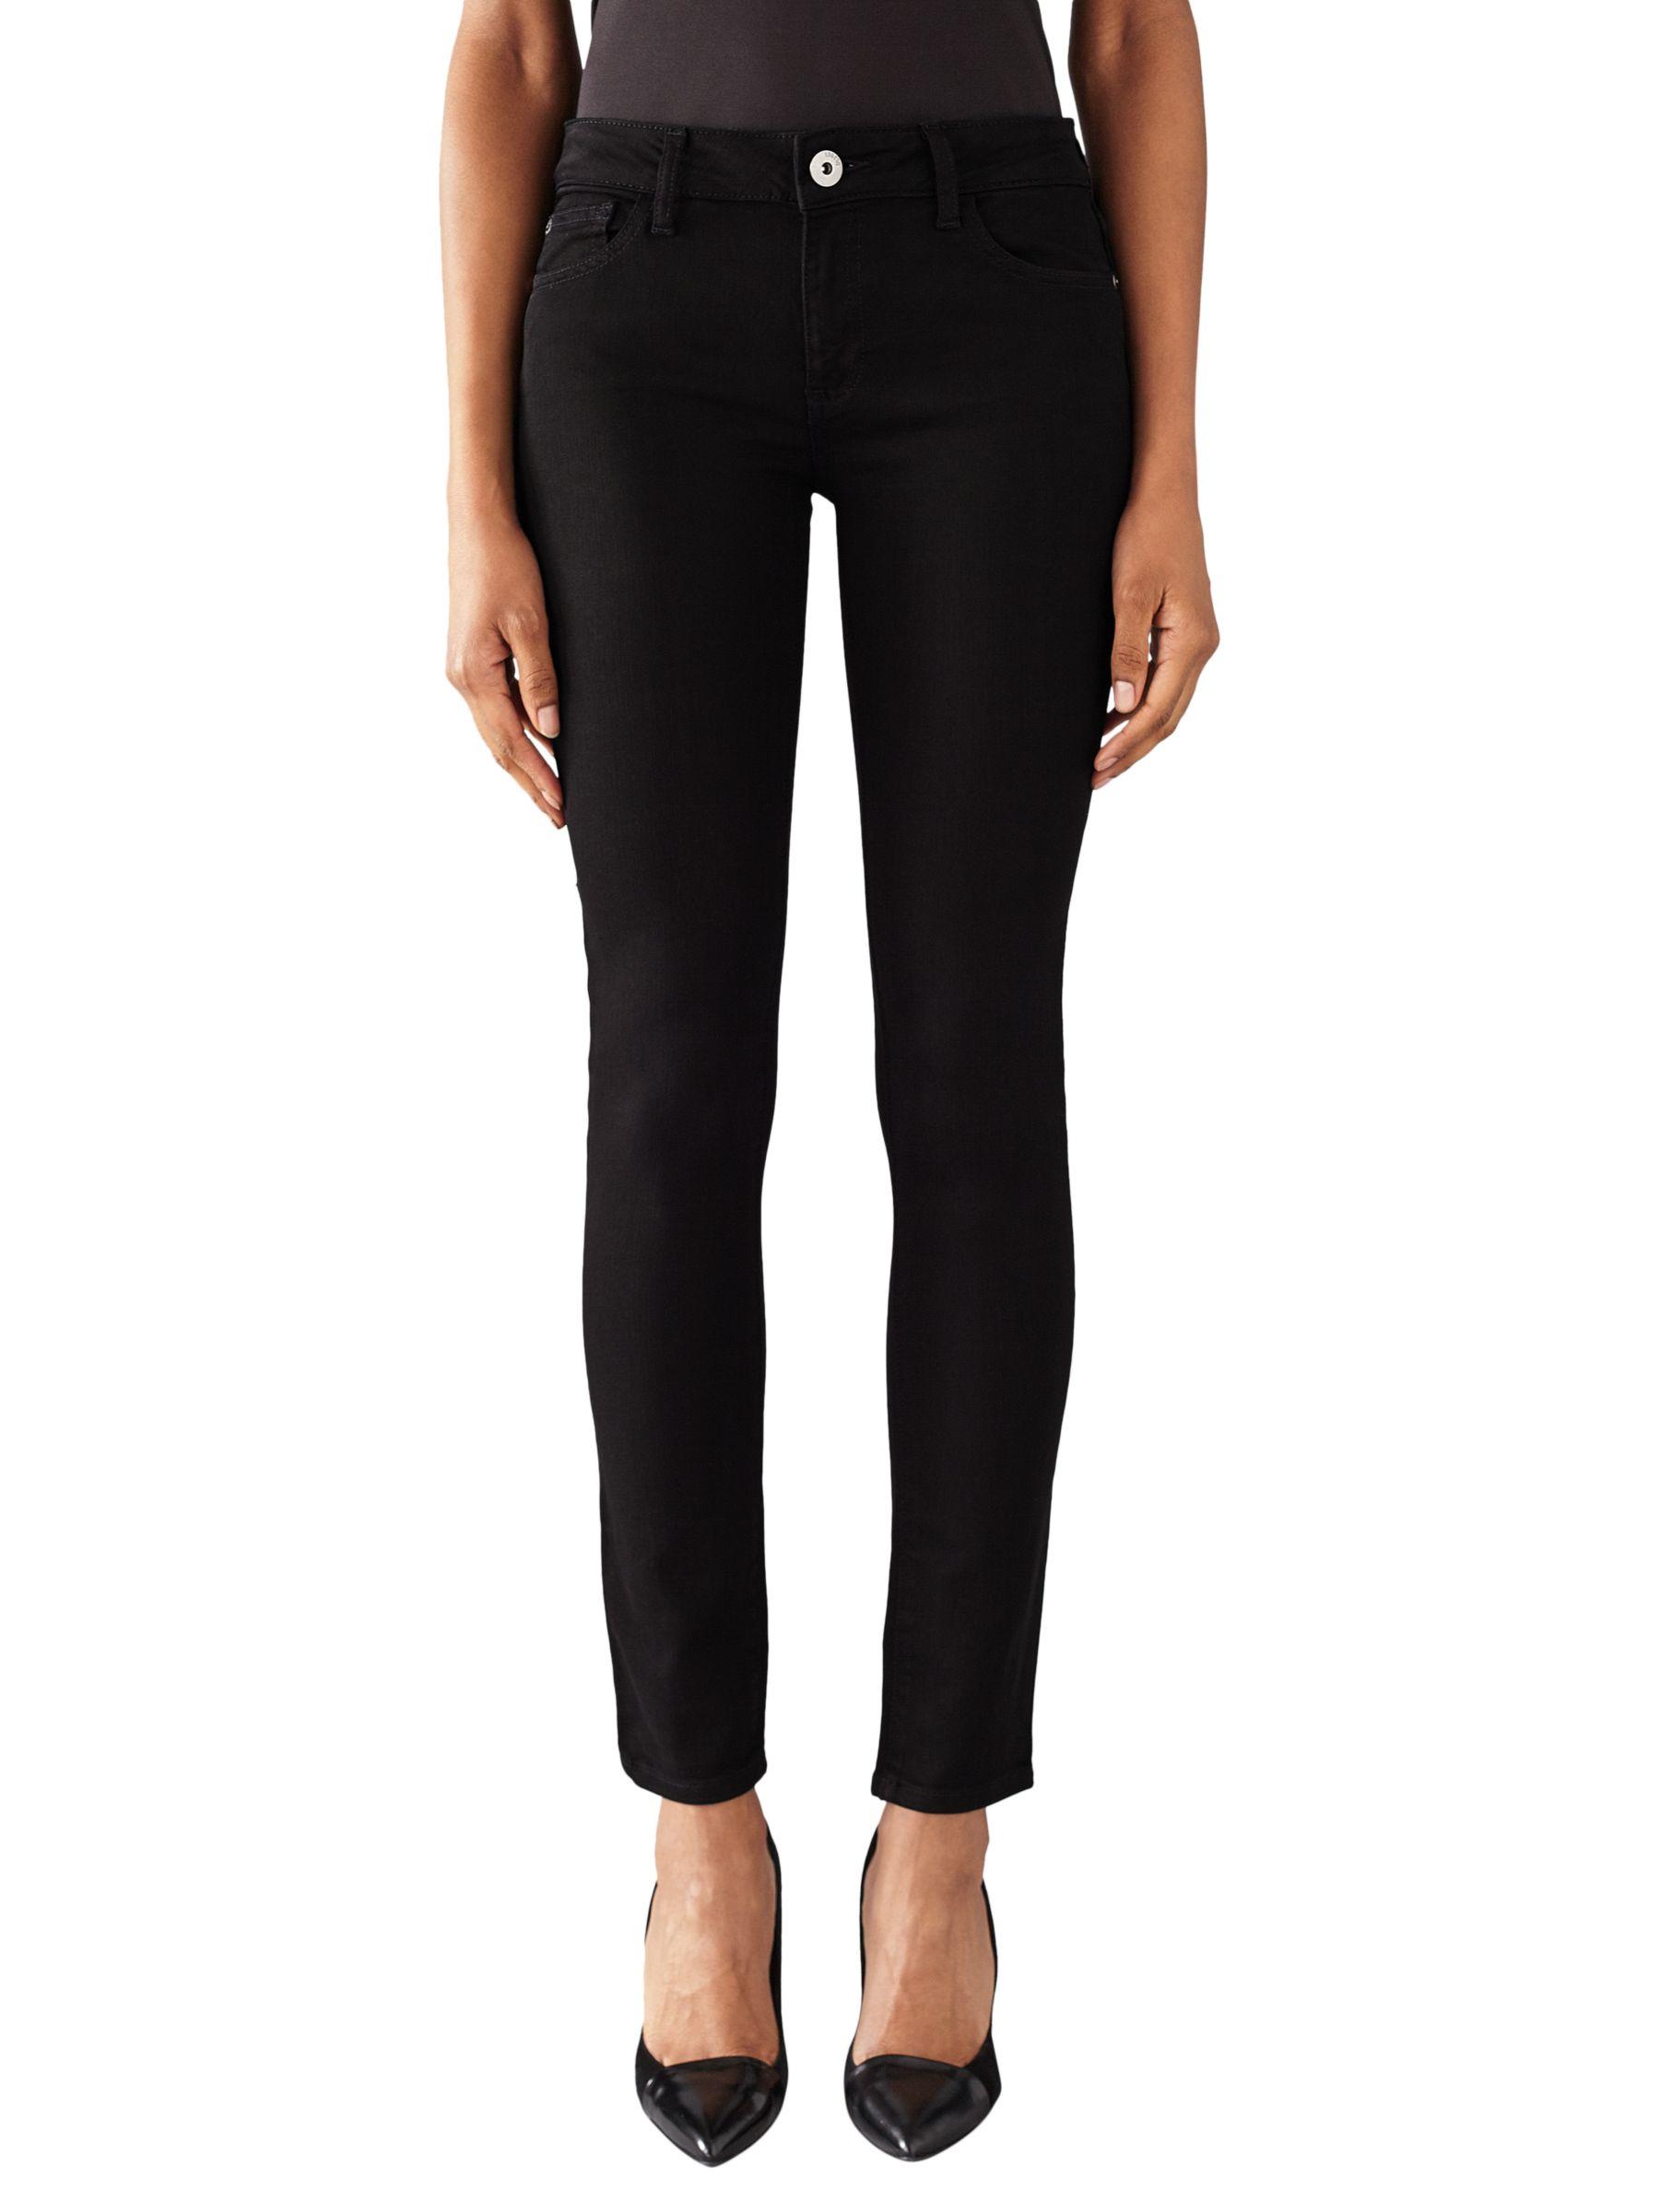 DL1961 DL1961 Florence High Rise Skinny Jeans, Riker